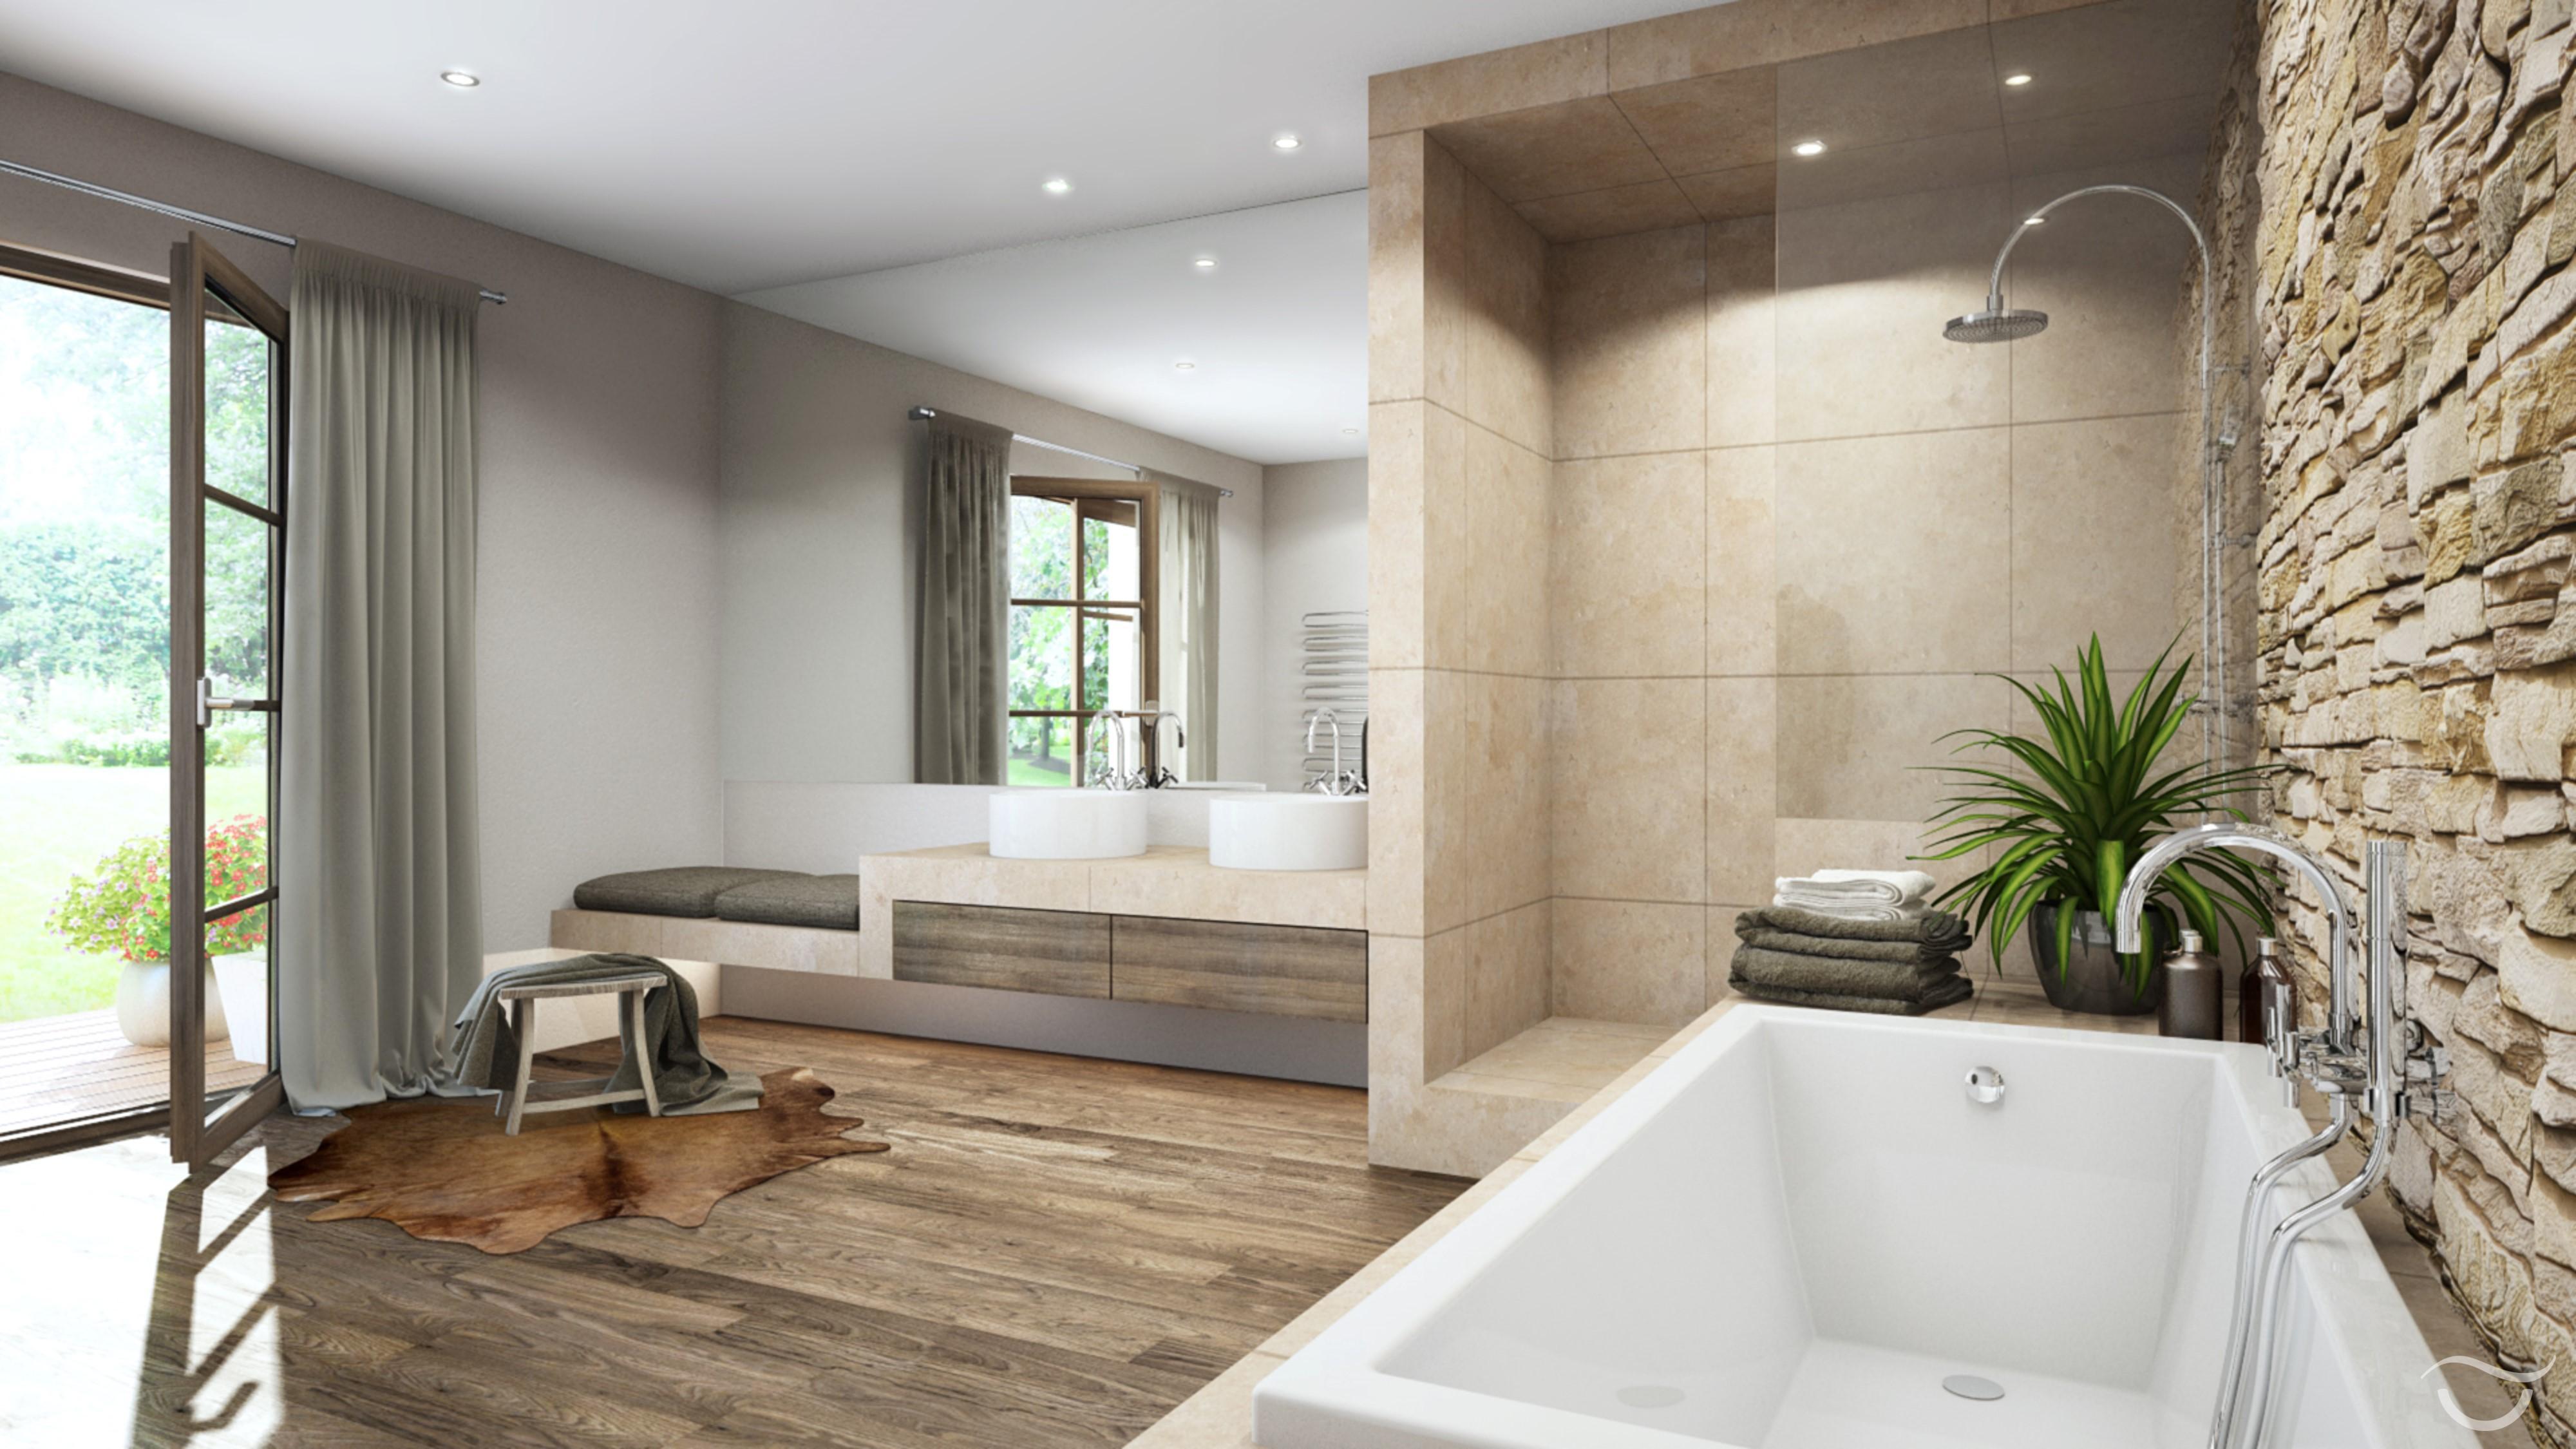 Steinbadezimmerwand bilder ideen couchstyle for Badezimmer ideen stein